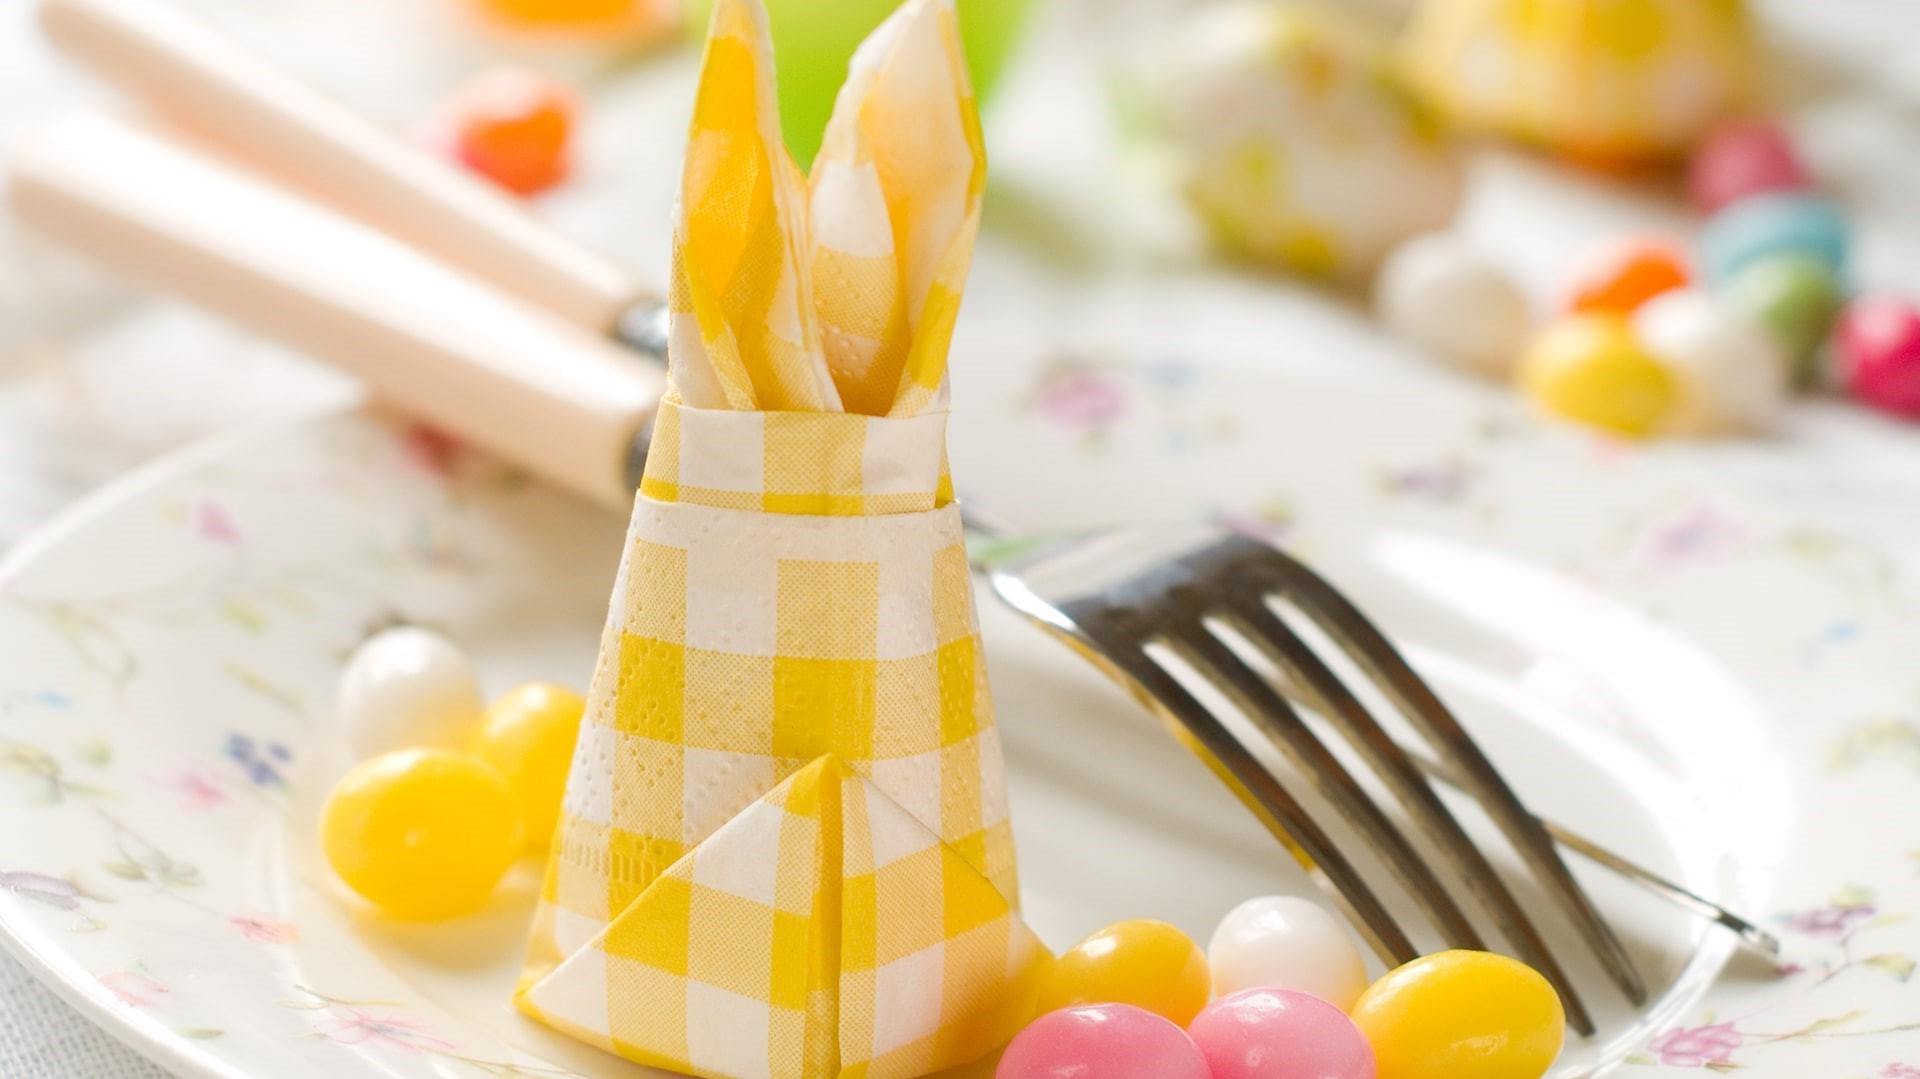 Déco de table de Pâques créative.